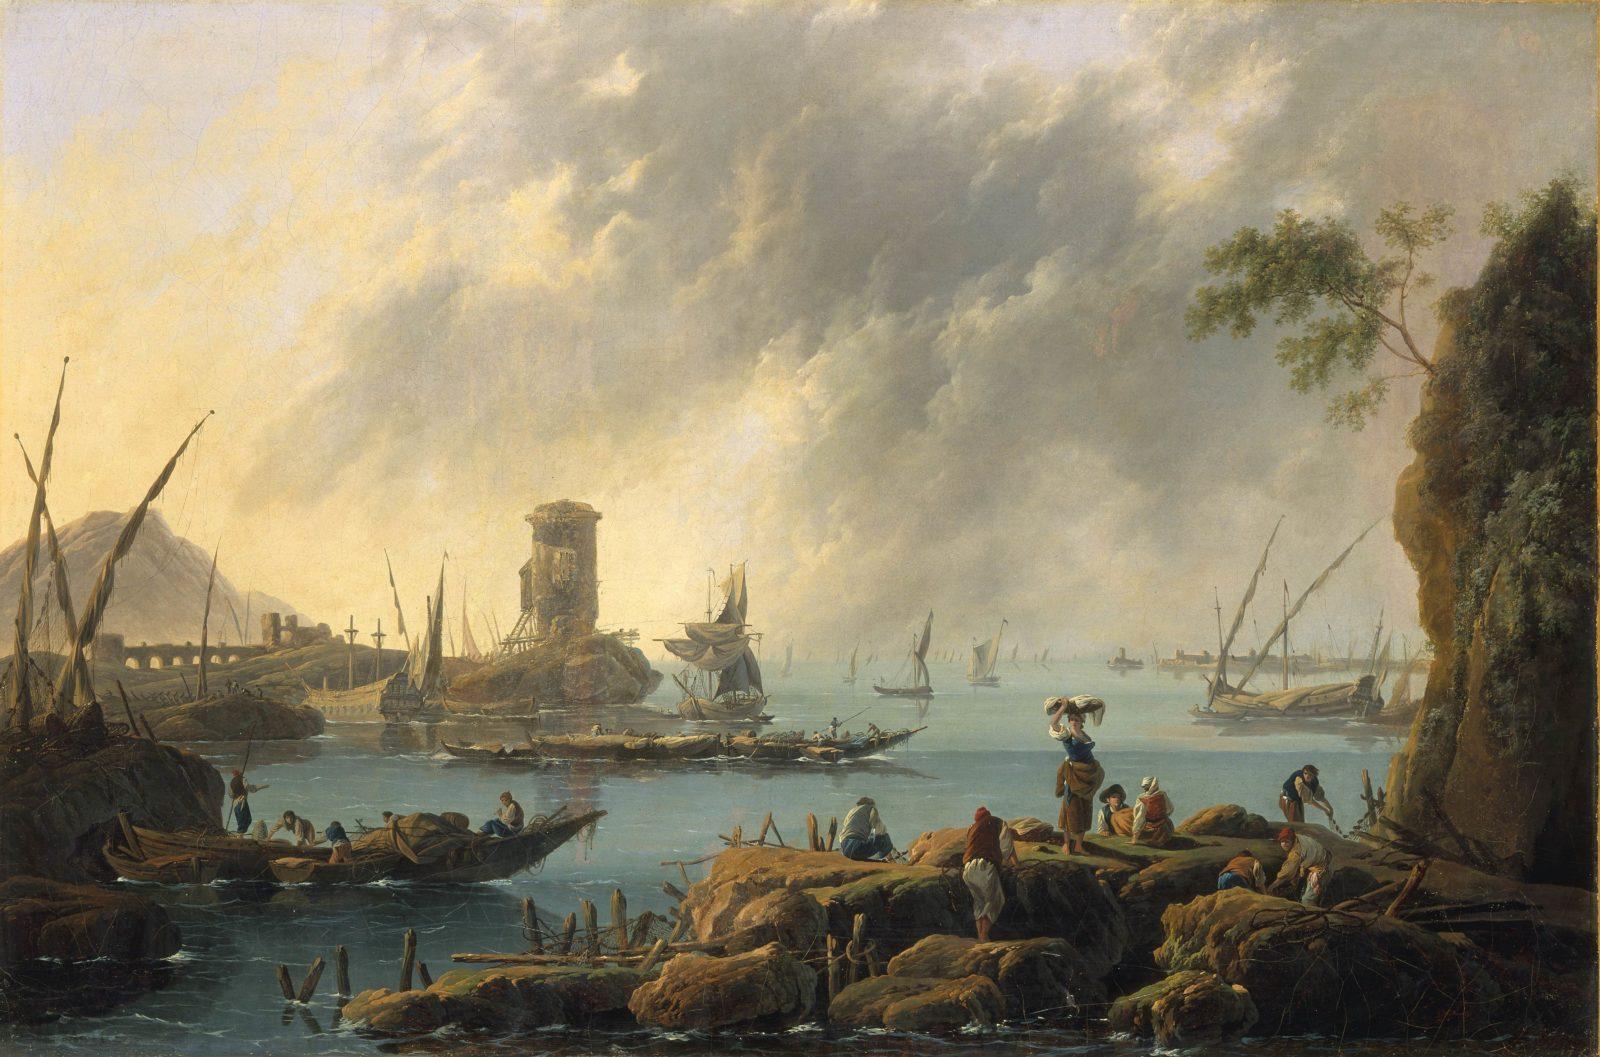 mbaa Besançon Jean-Baptiste PILLEMENT, Vue d'un port